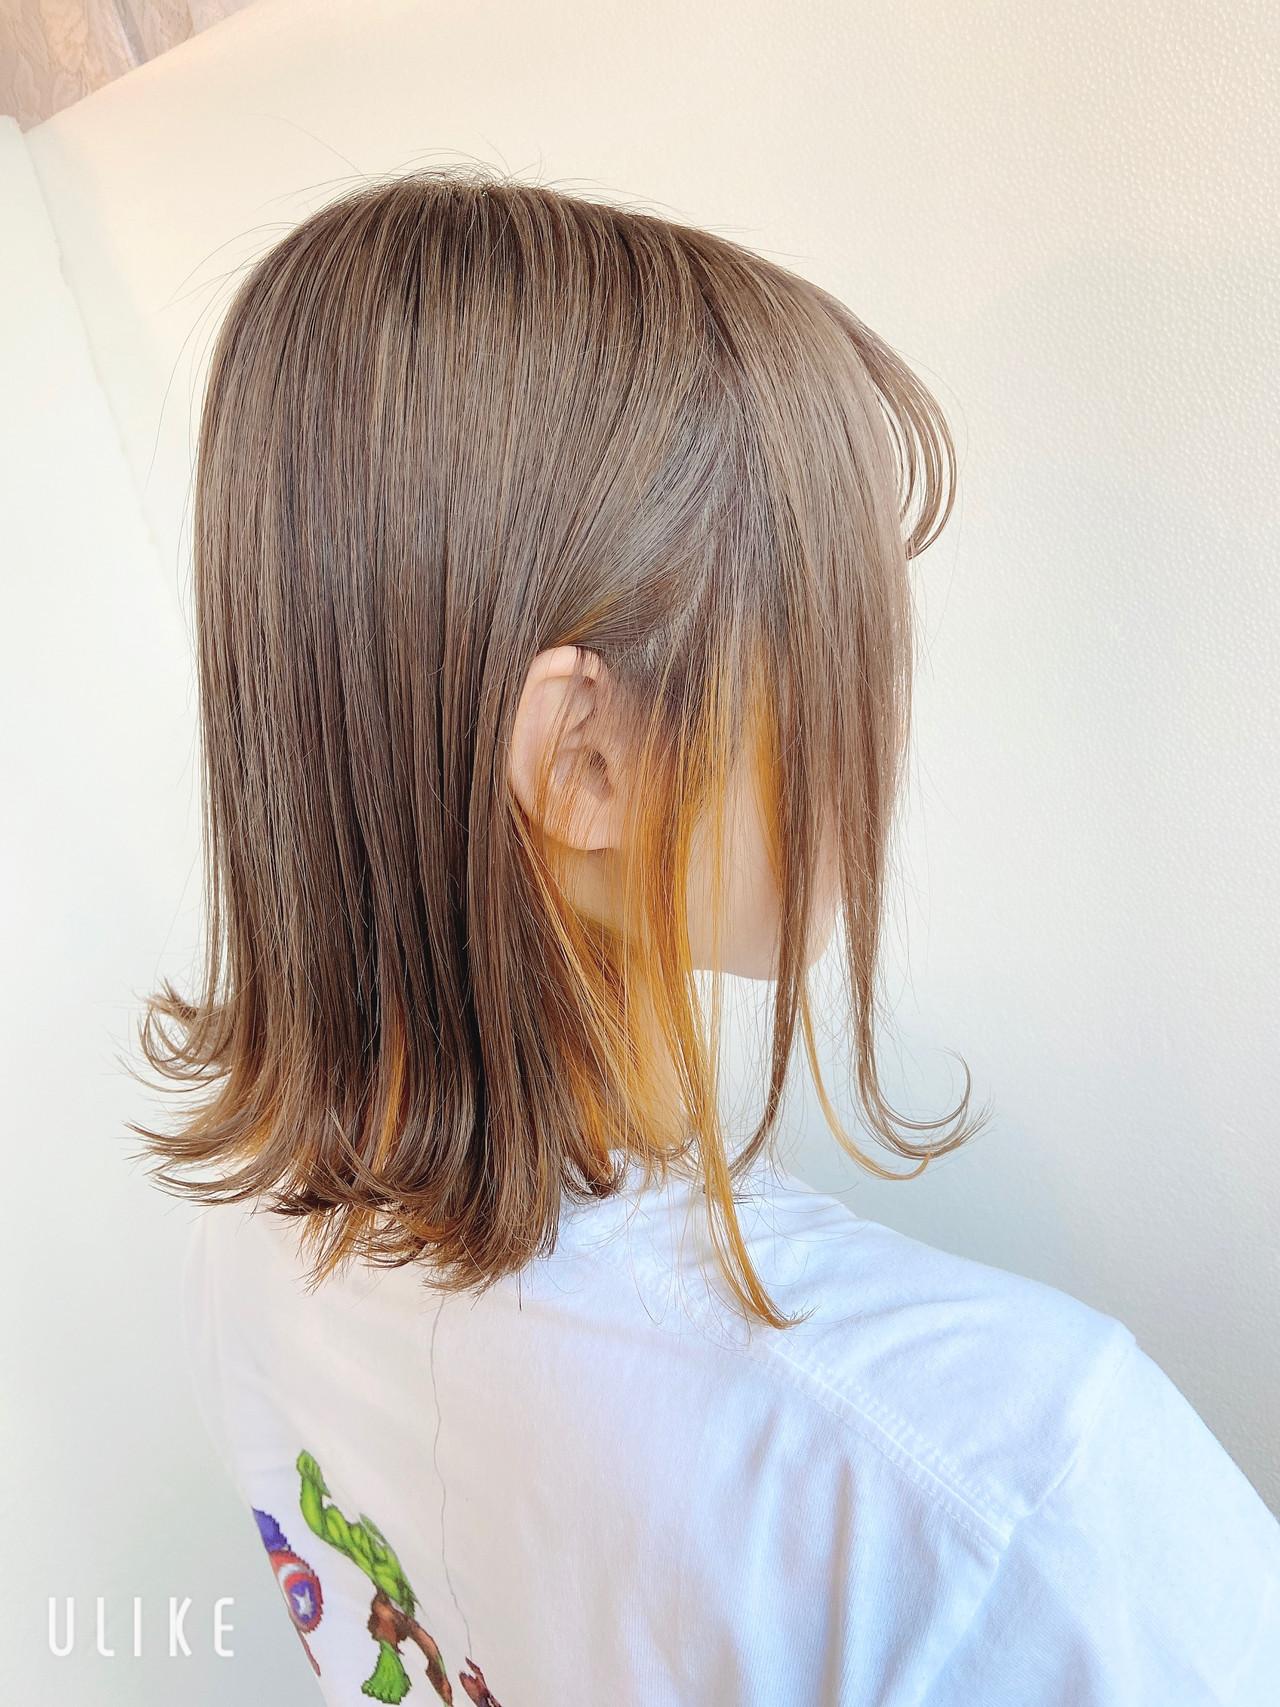 ボブ 切りっぱなしボブ インナーカラーオレンジ ミルクティーベージュ ヘアスタイルや髪型の写真・画像